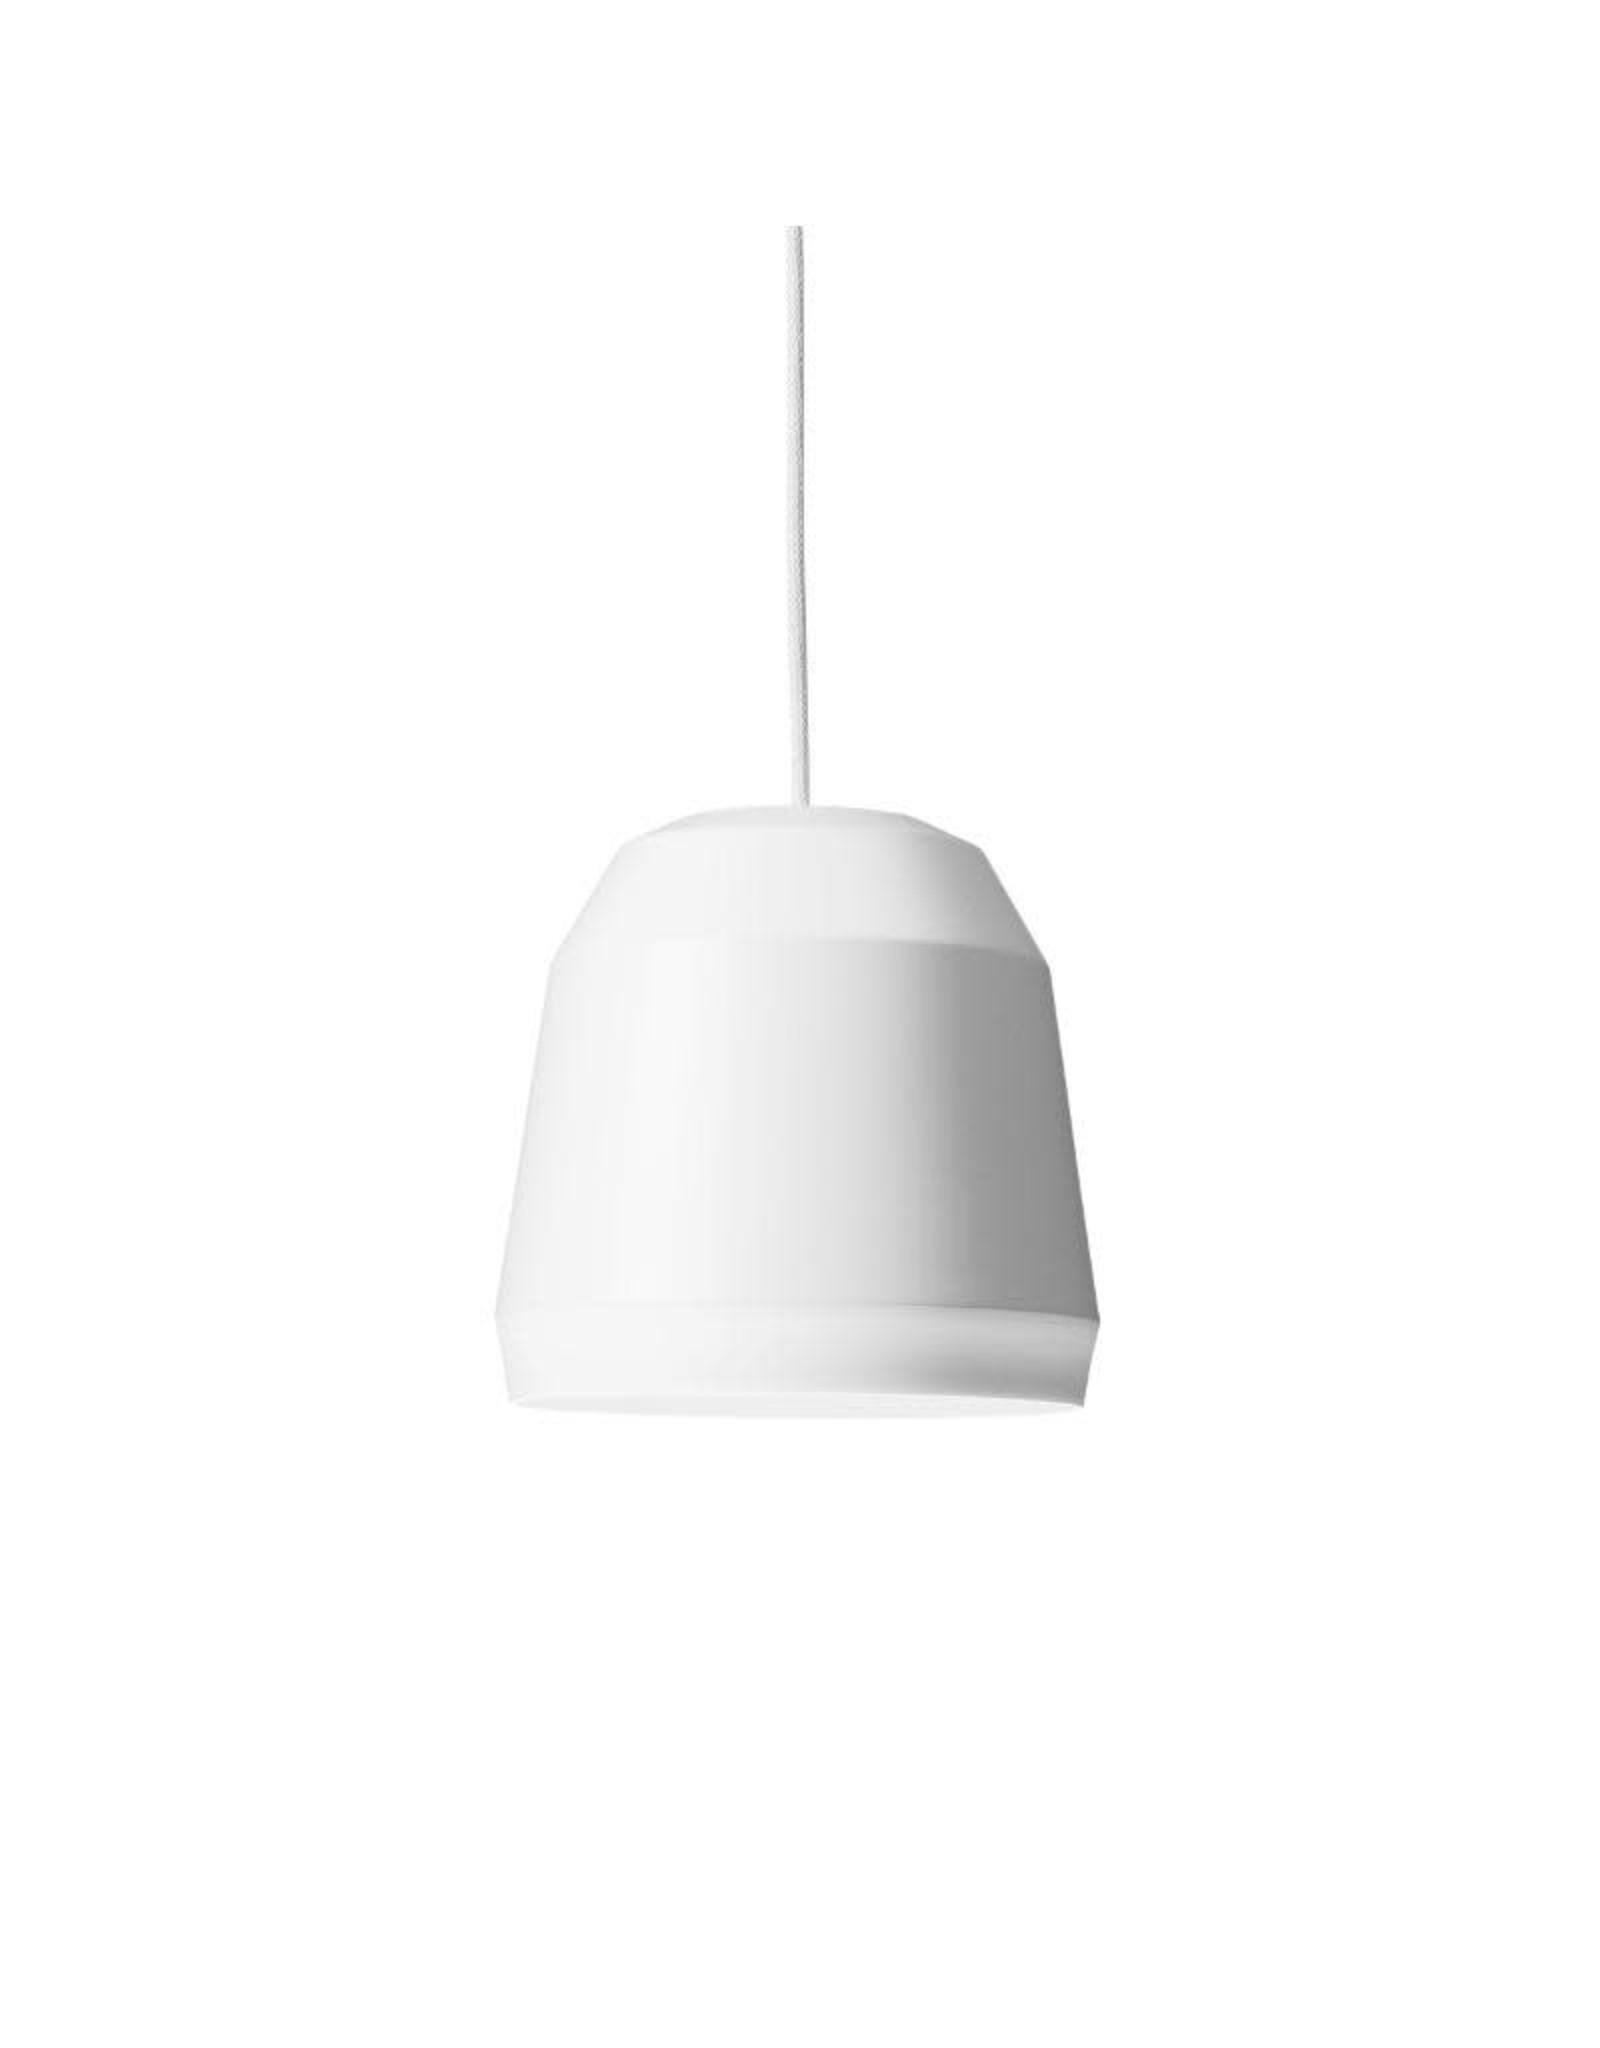 LIGHTYEARS MINGUS 1 鋁製吊燈